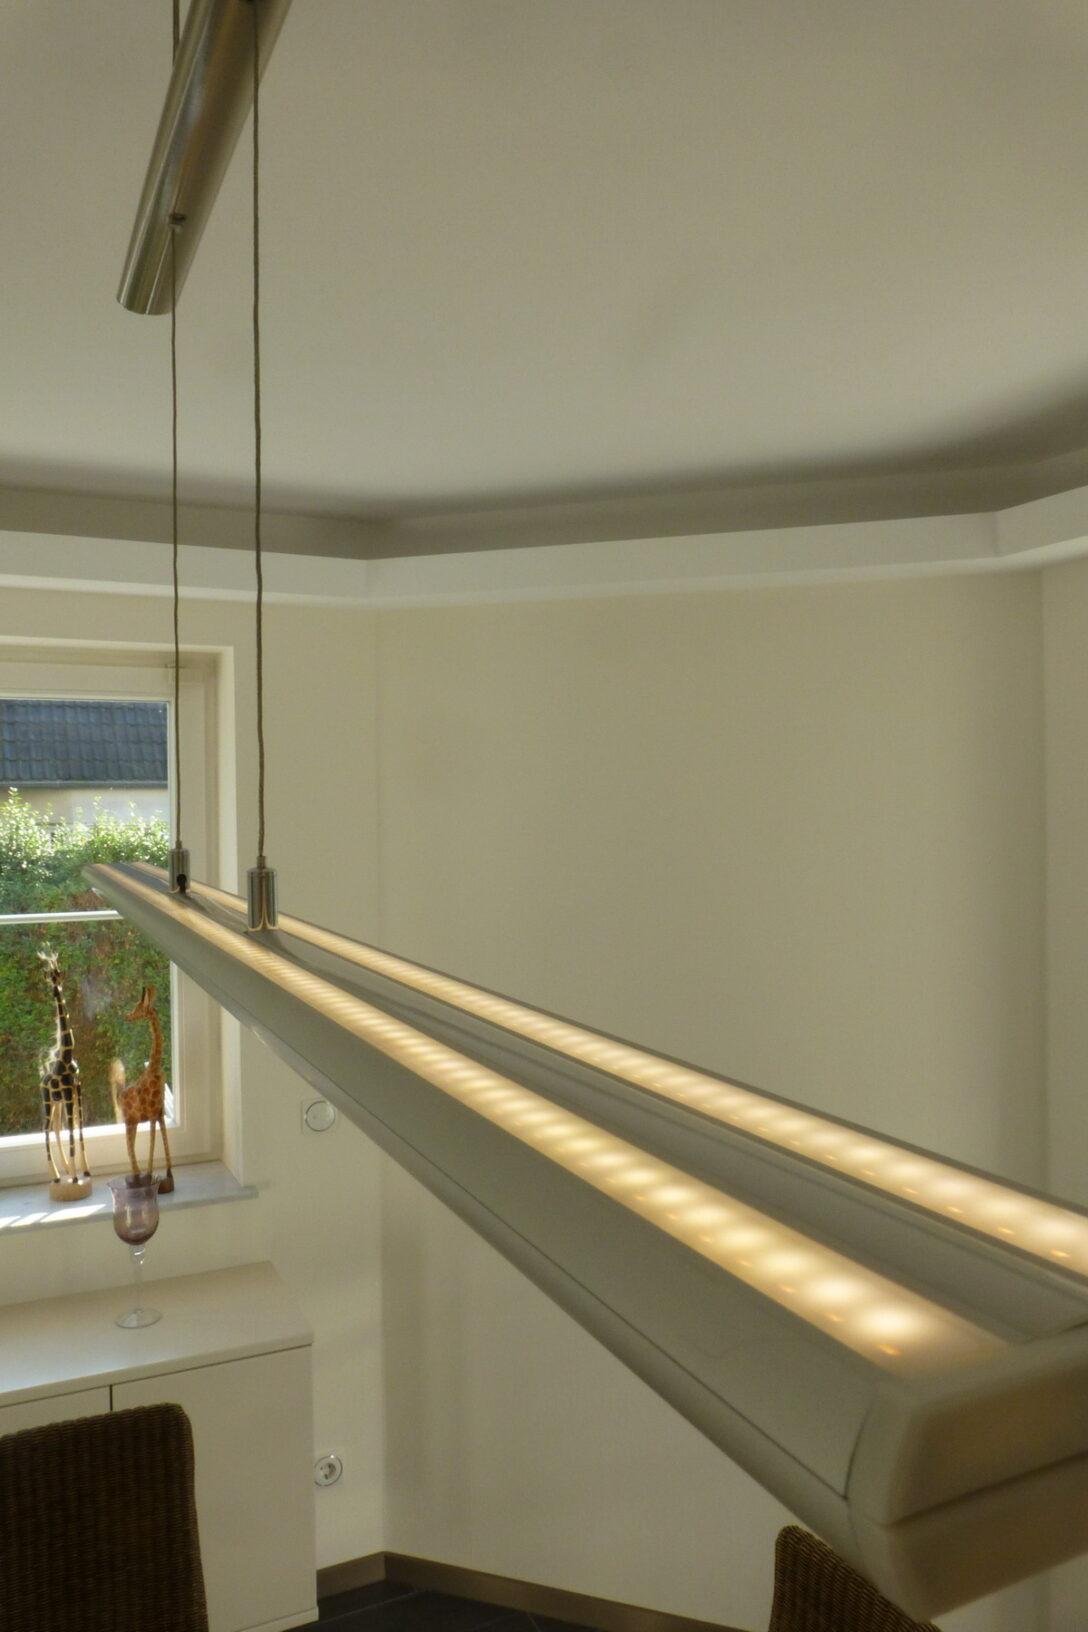 Large Size of Plexiglas Led Panel Schlafzimmer Lampe Wohnzimmer Dekoration Spiegellampe Bad Indirekte Beleuchtung Deckenlampen Für Deckenlampe Deckenleuchte Küche Teppich Wohnzimmer Wohnzimmer Led Lampe